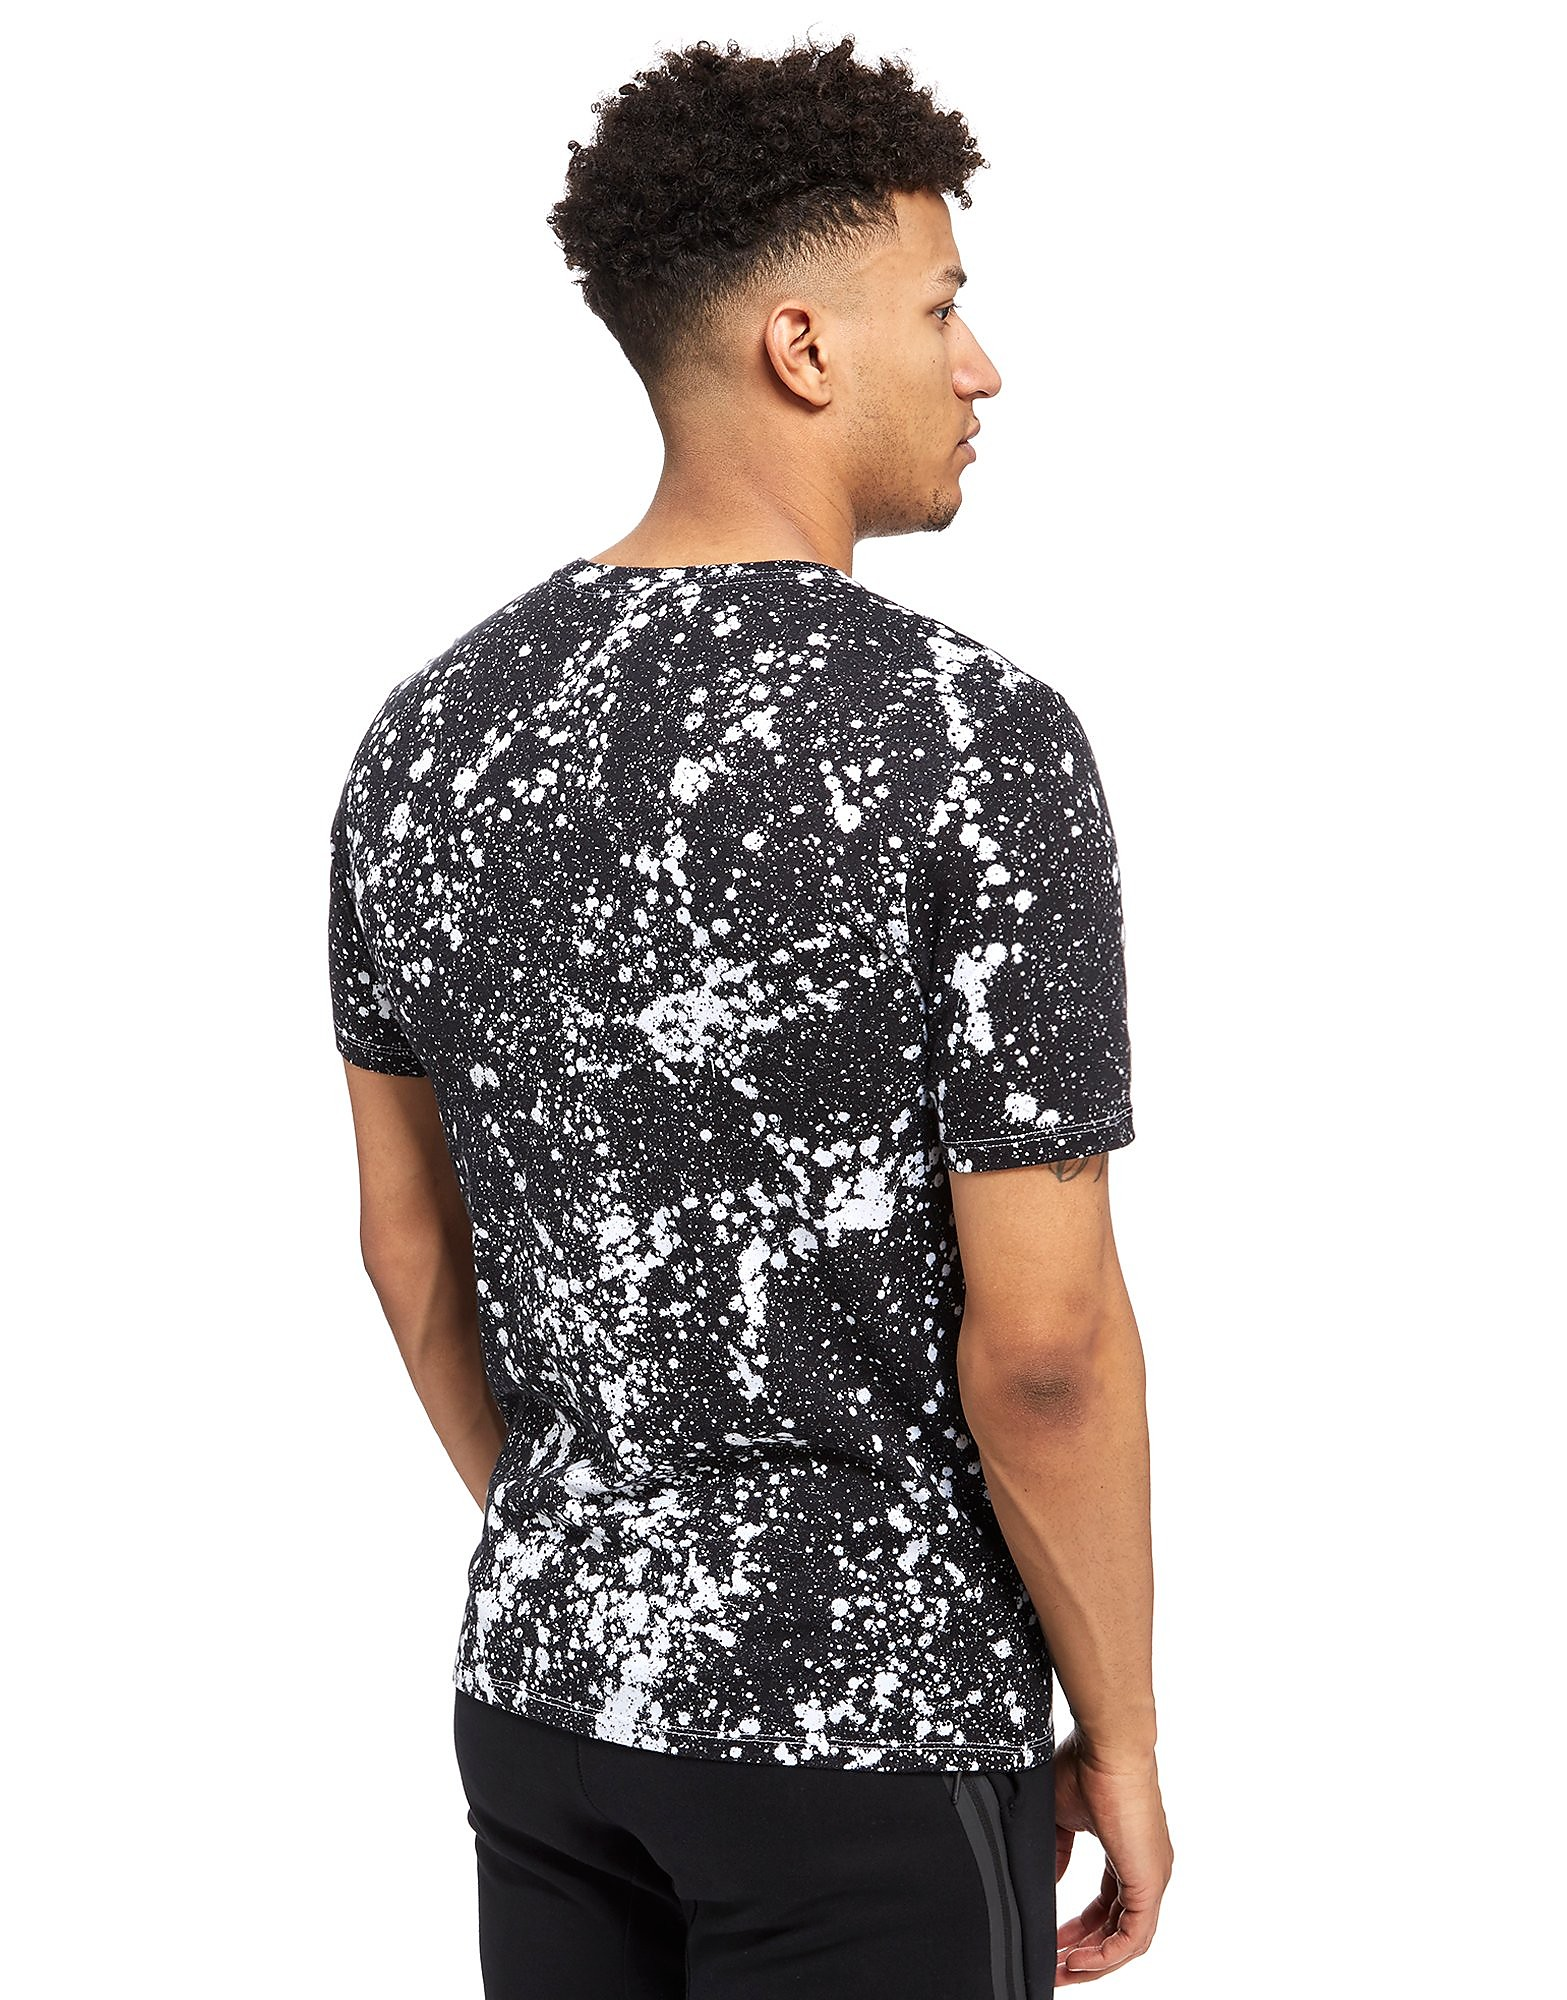 Nike T-shirt Splatter Homme